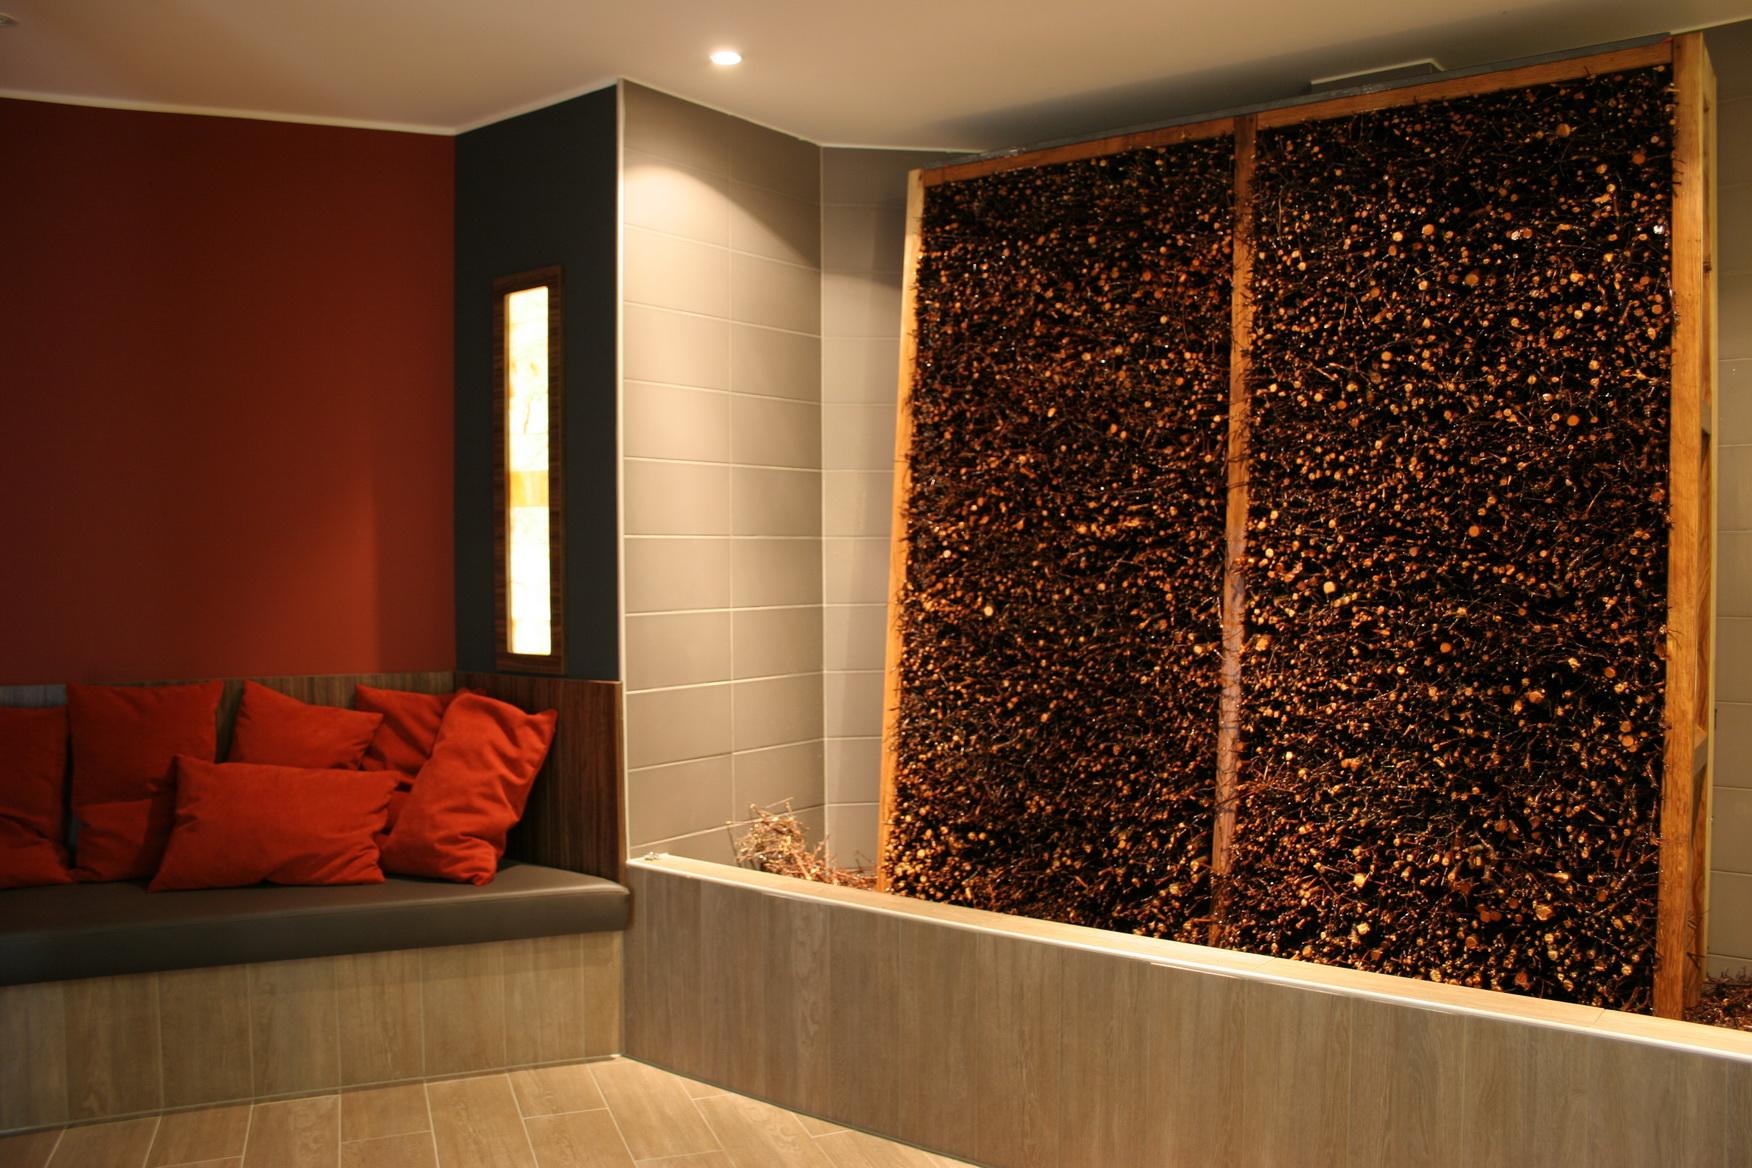 gradierwerke f r hotels wellness spa und fitness weise. Black Bedroom Furniture Sets. Home Design Ideas